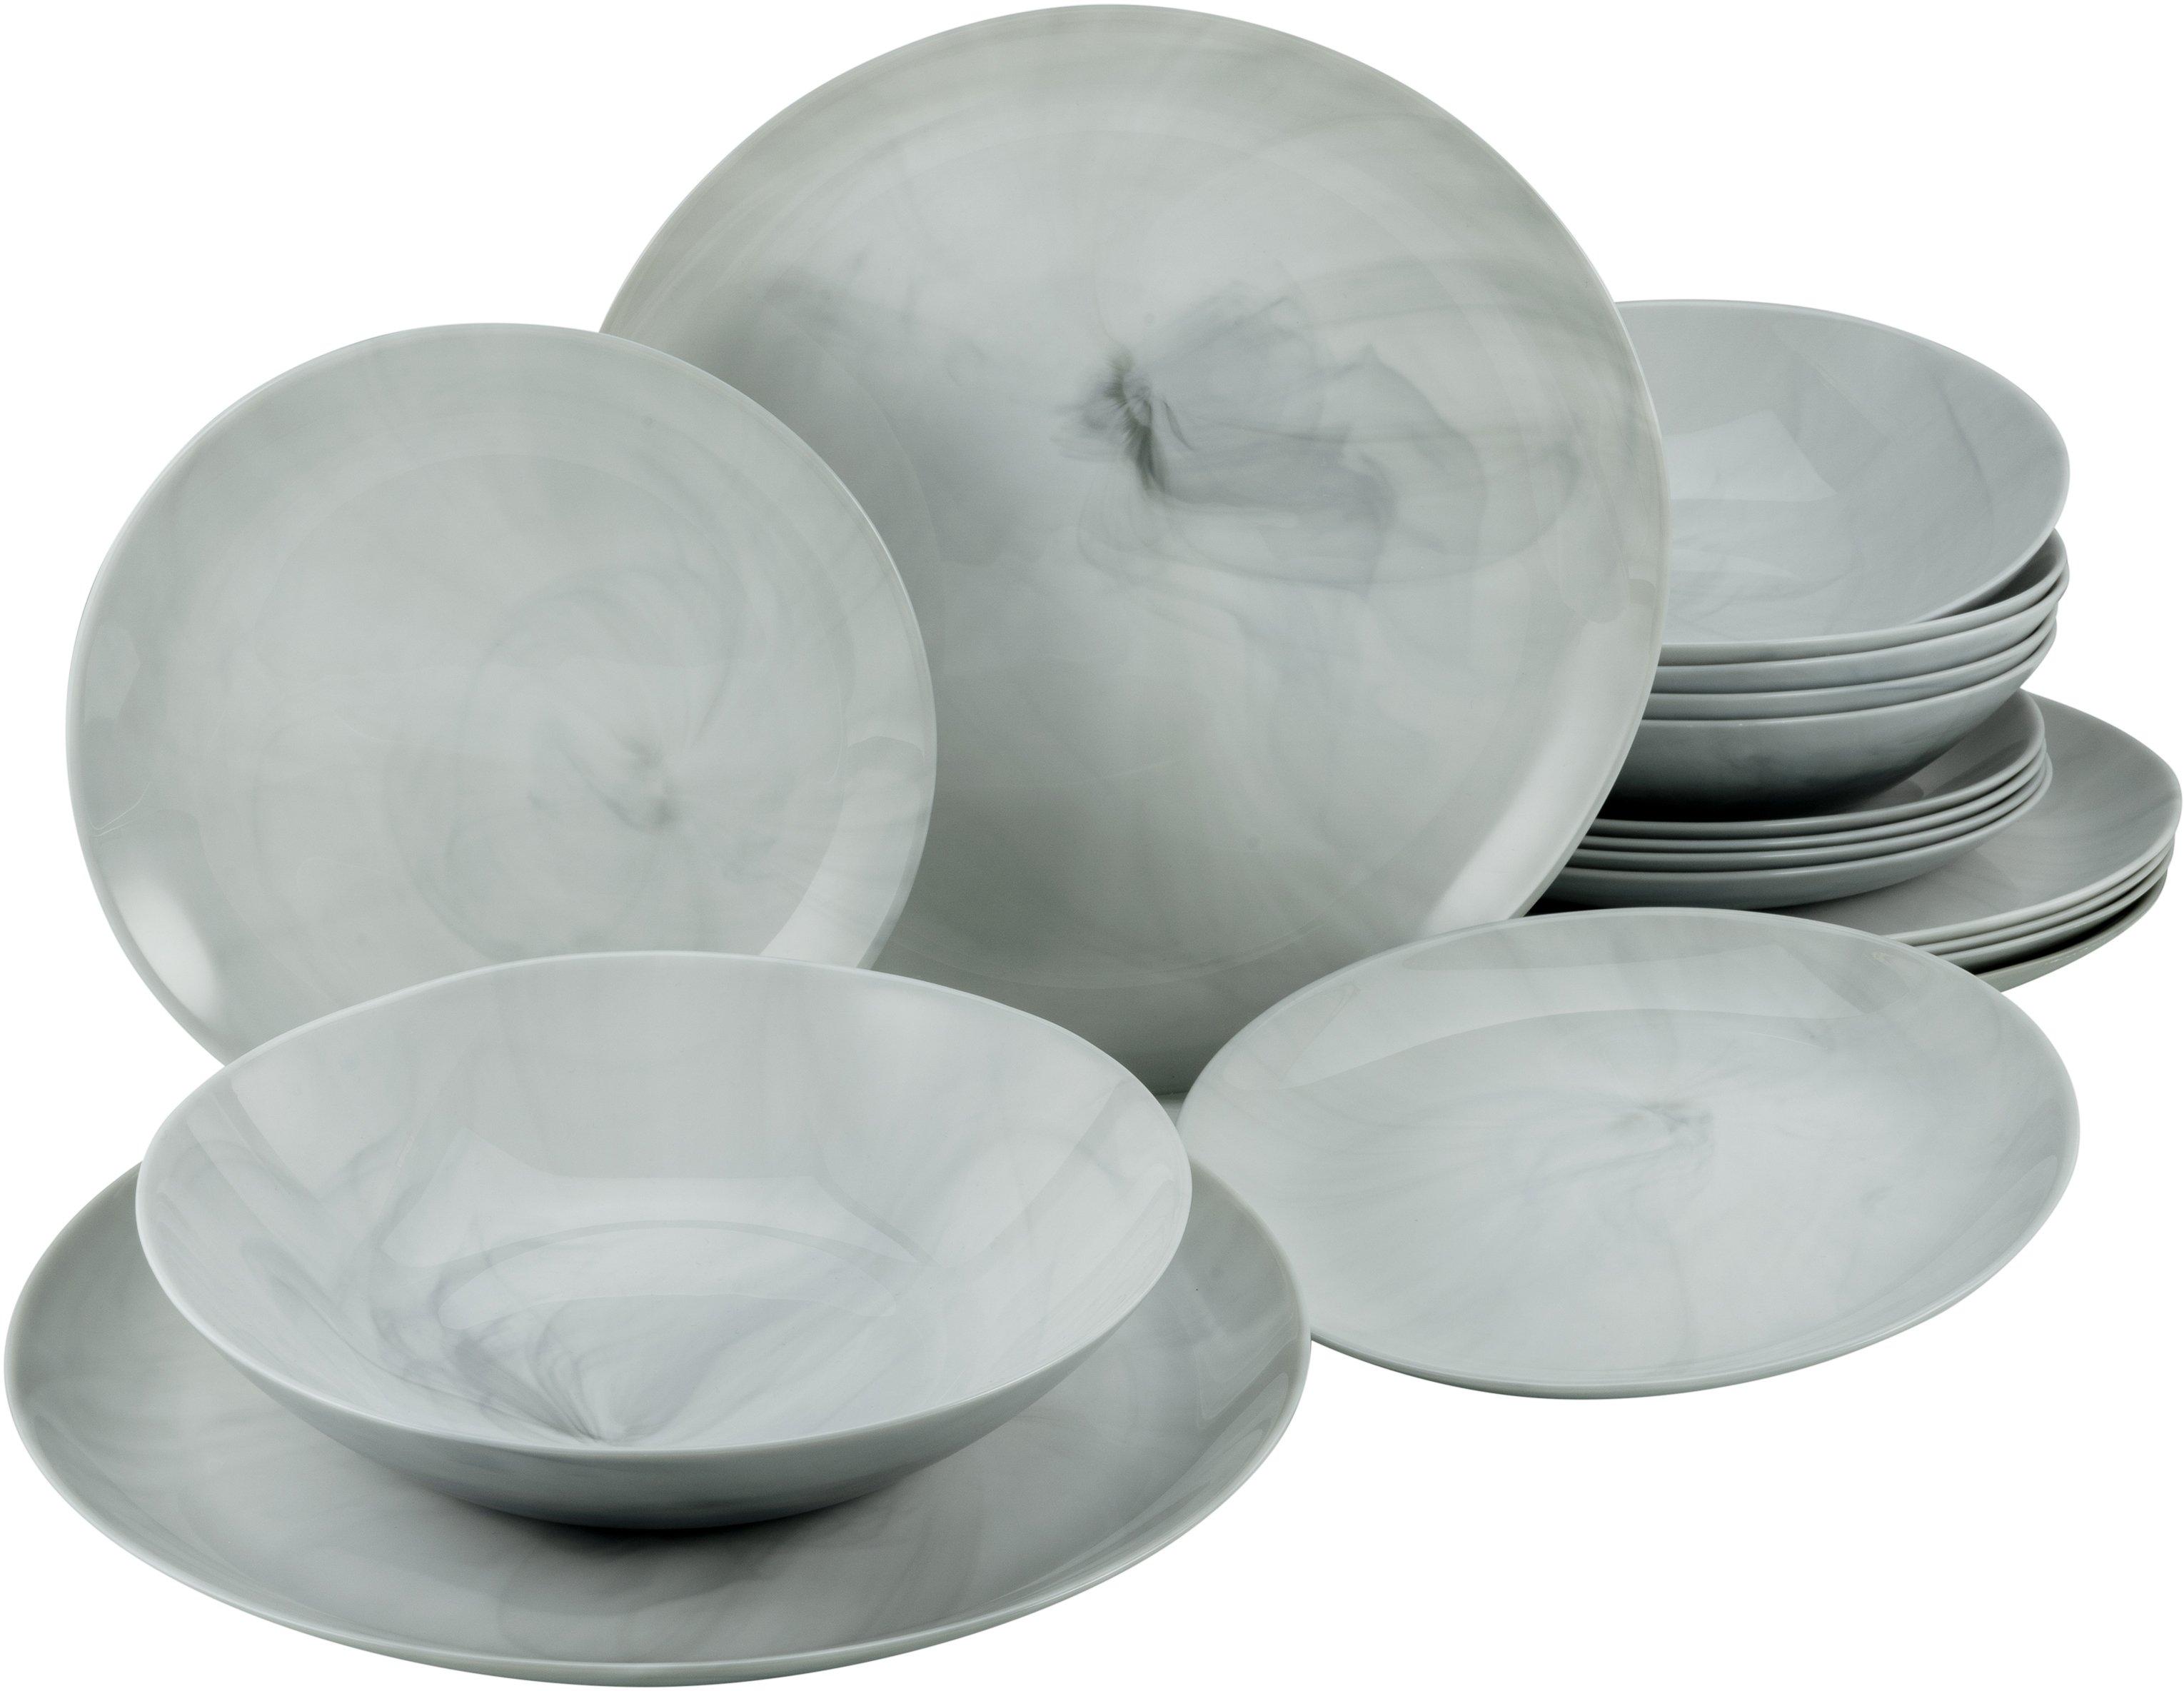 CreaTable eetservies Marmer met natuurlijke marmerstructuur (set, 18 delig) - verschillende betaalmethodes